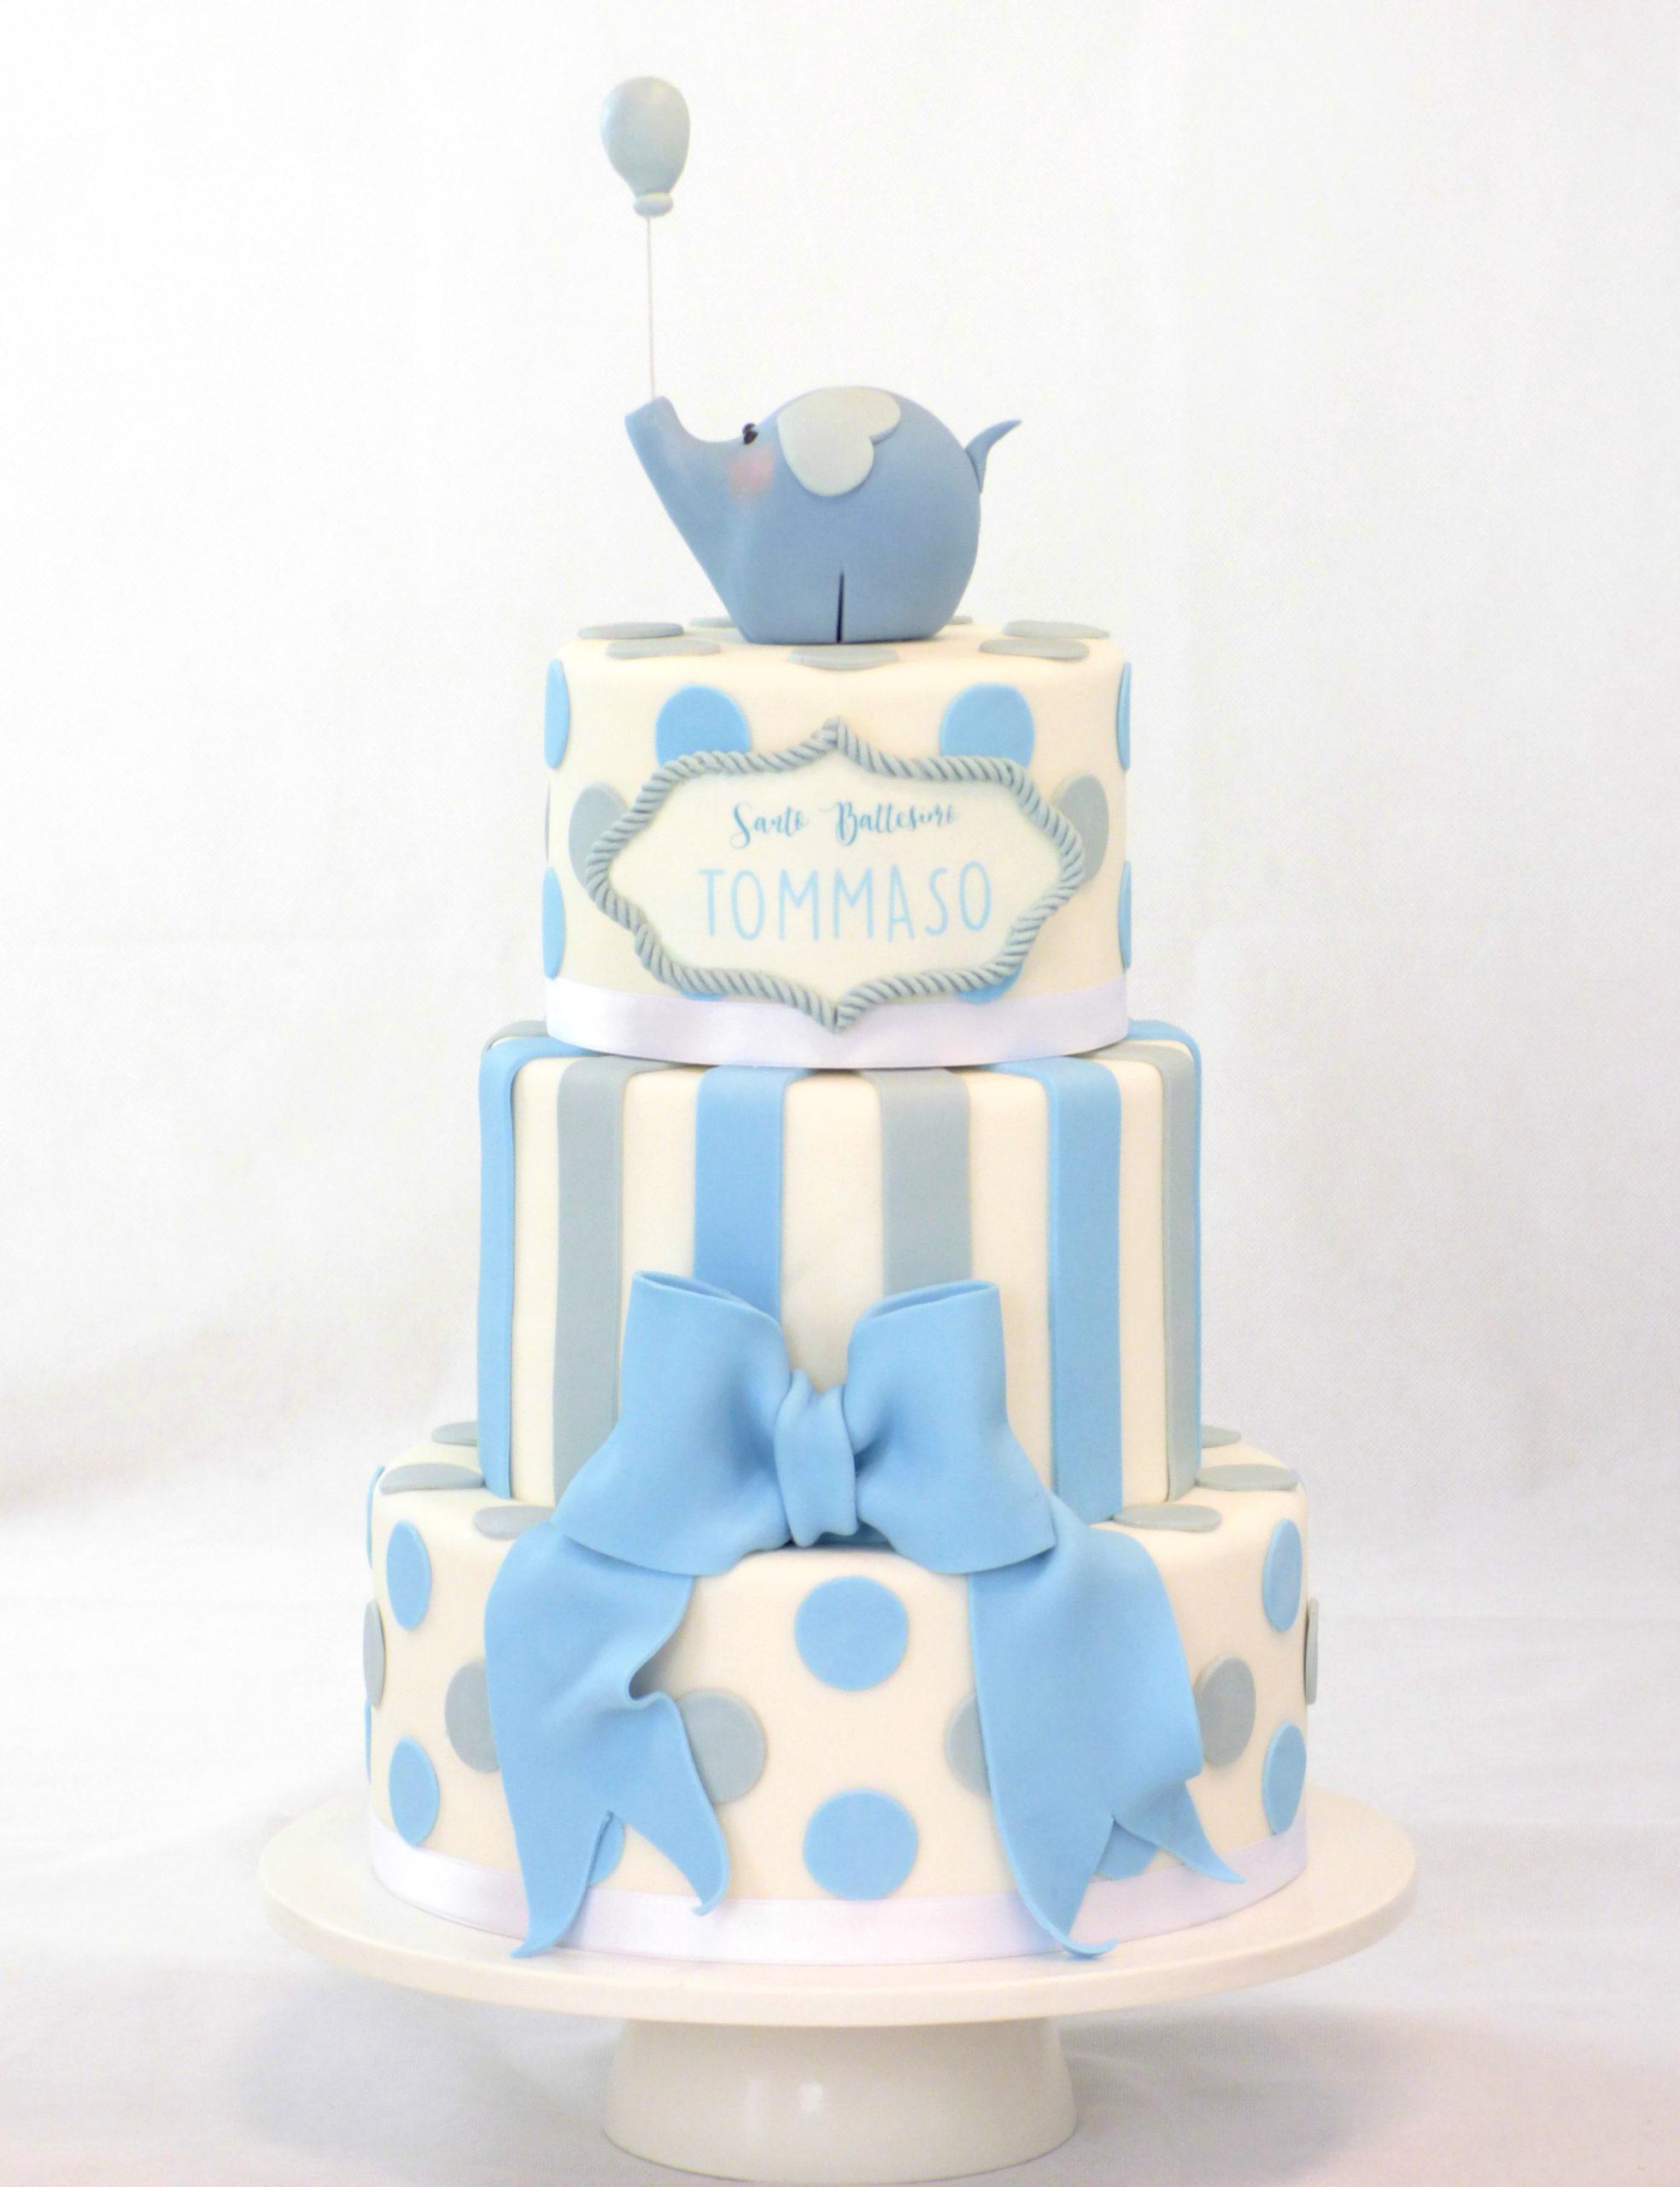 torta battesimo bianca azzurra e grigia con righe pois fiocco e elefante con palloncino